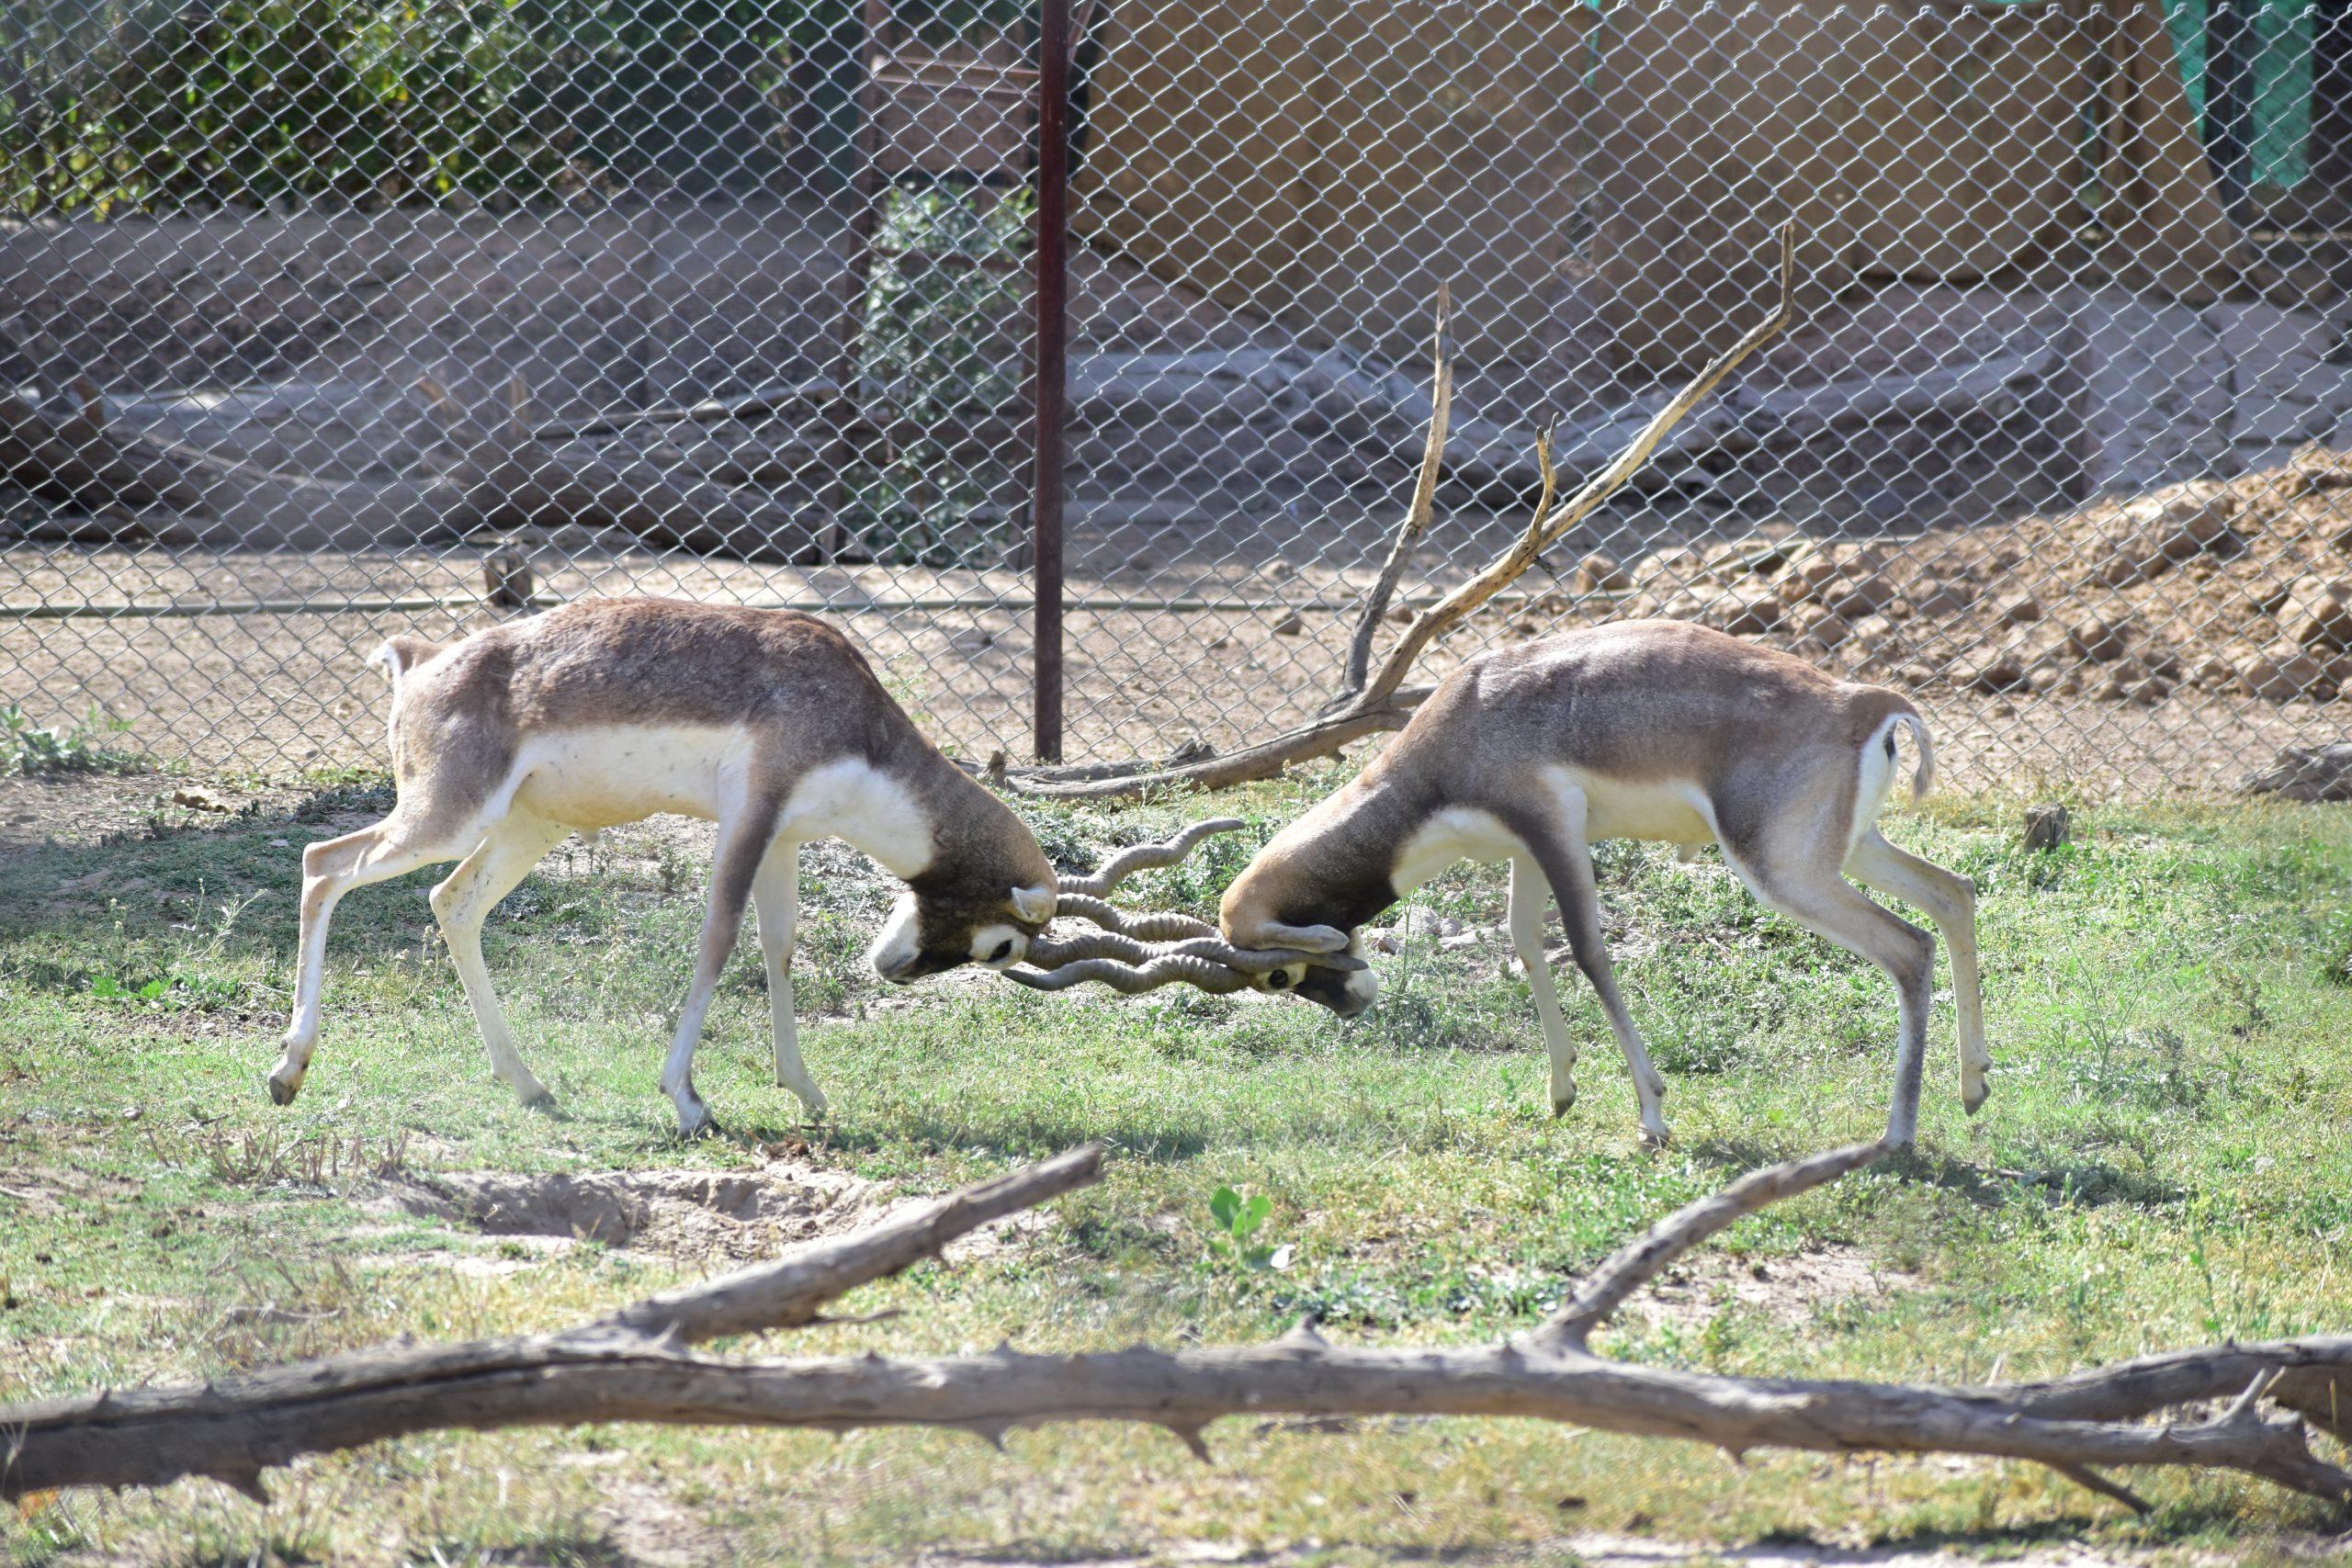 Two blackbucks in a zoo